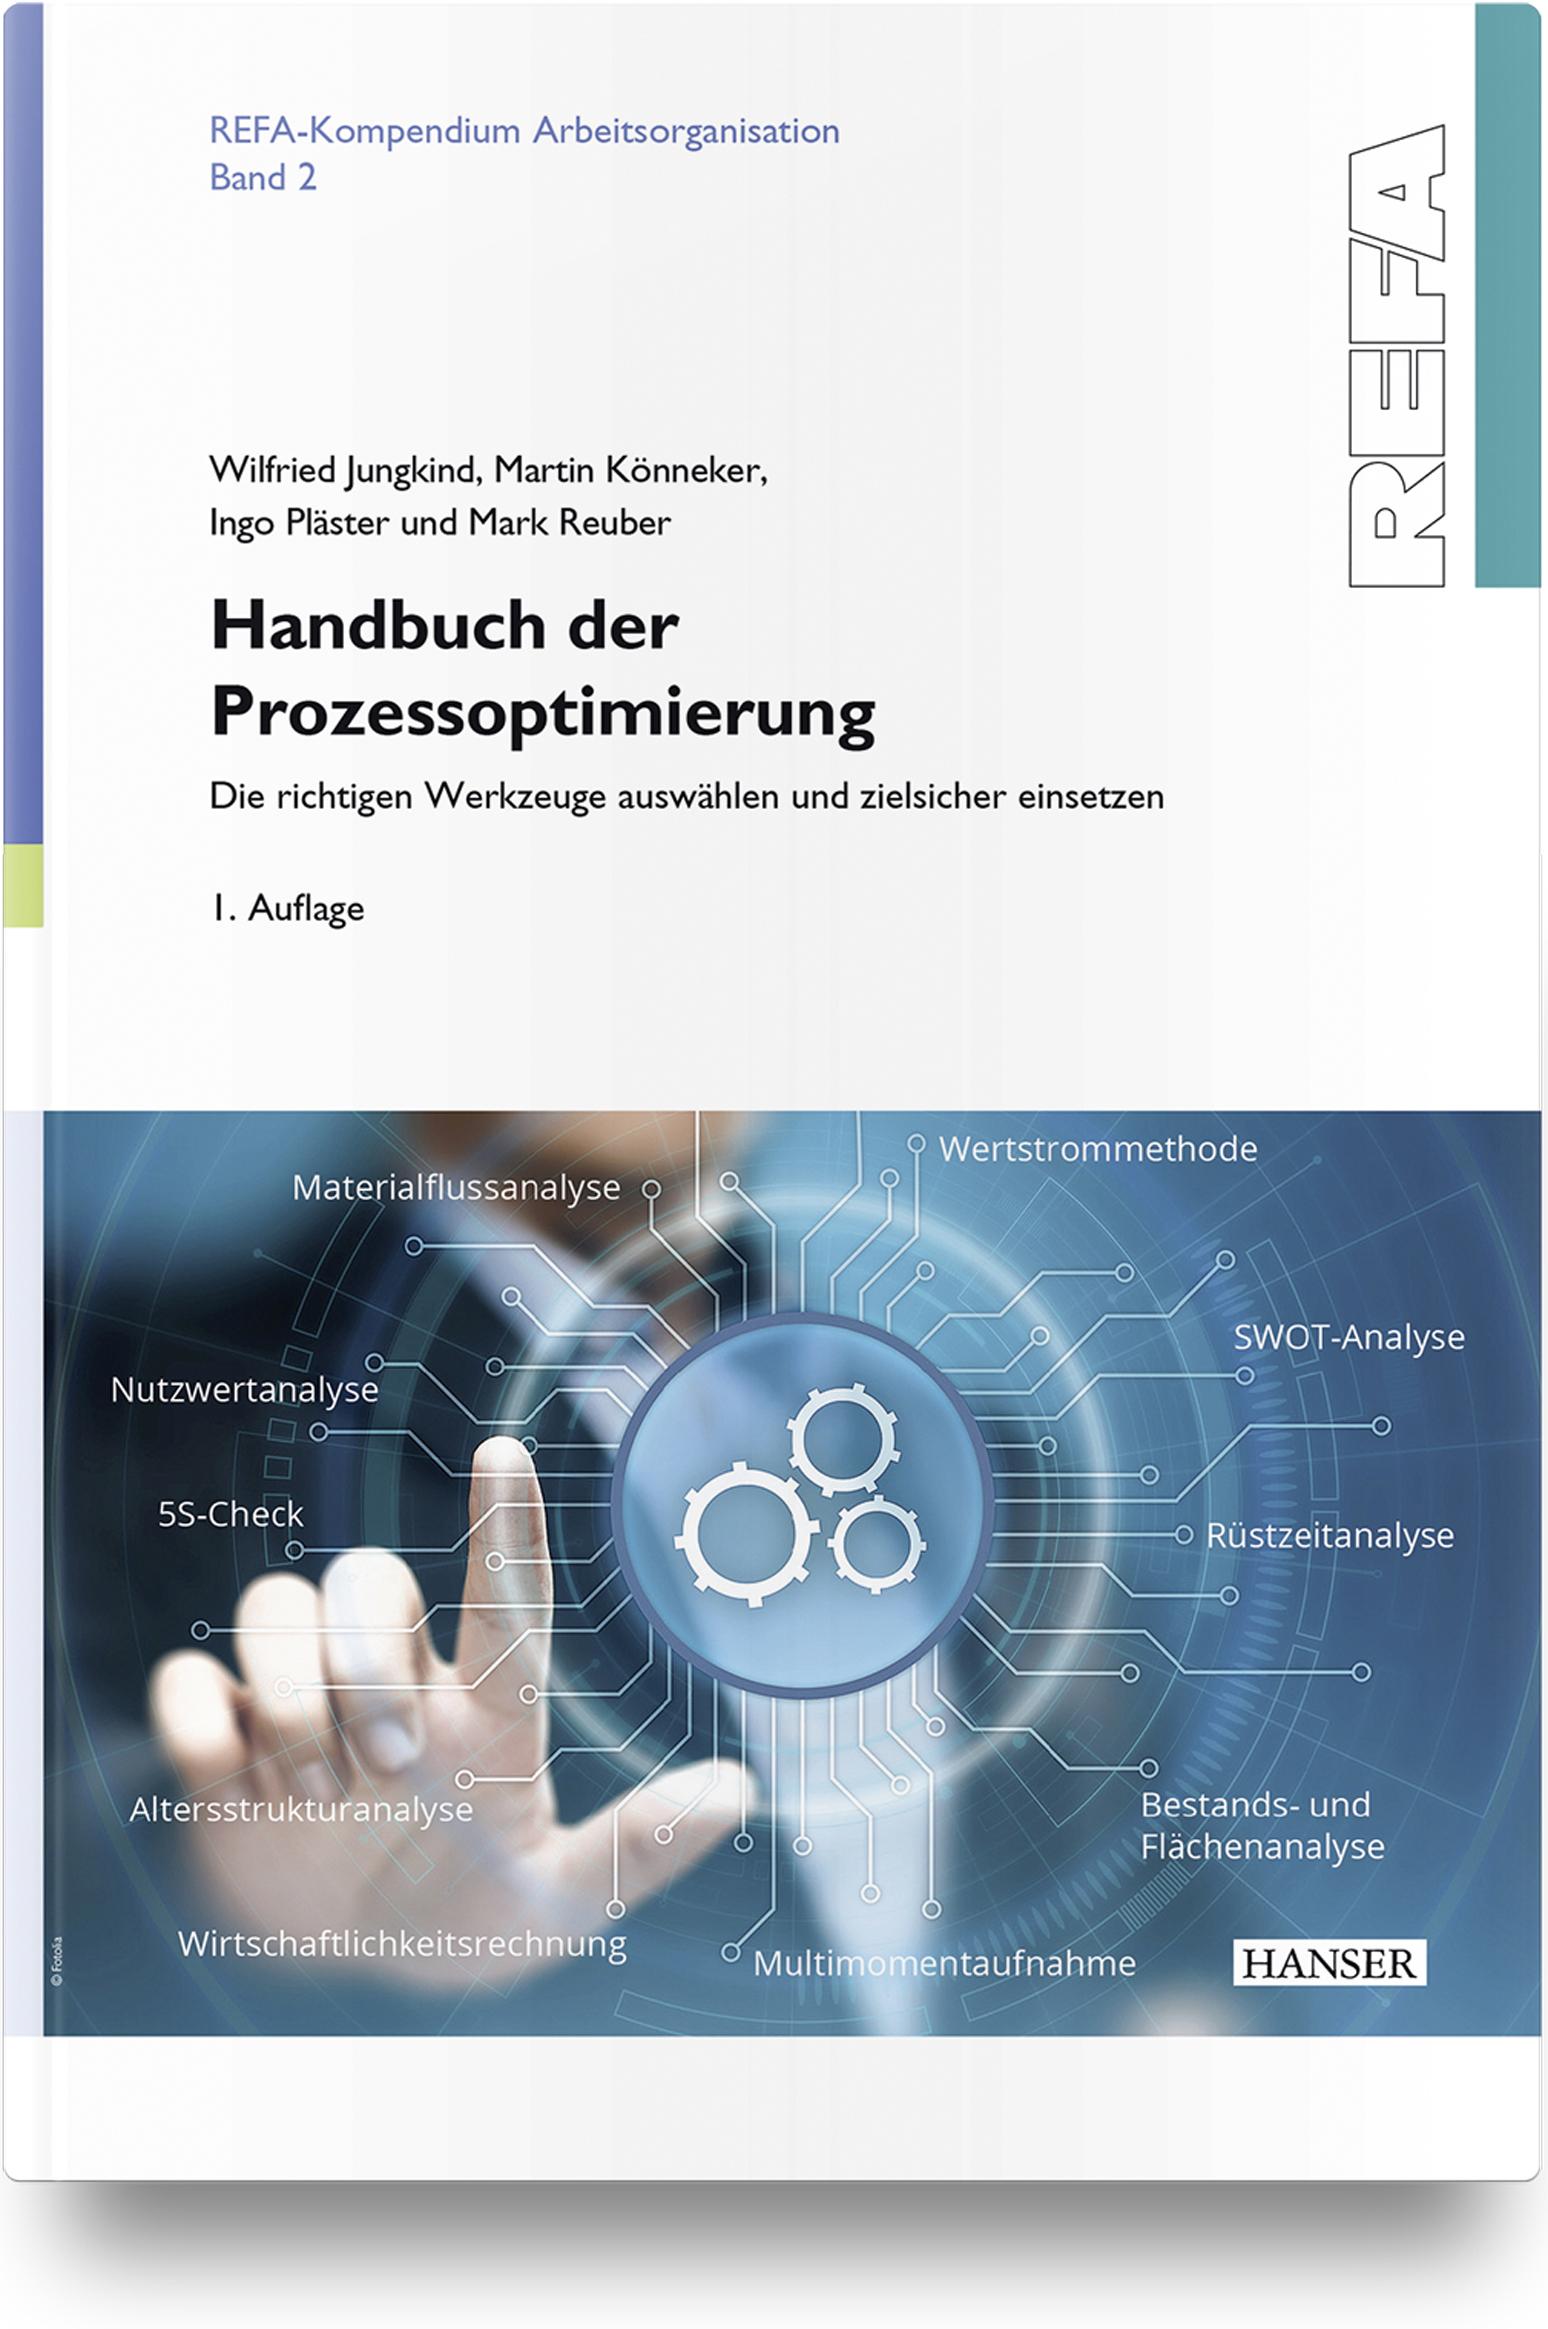 Jungkind, Könneker, Pläster, Reuber, Handbuch der Prozessoptimierung, 978-3-446-45933-5